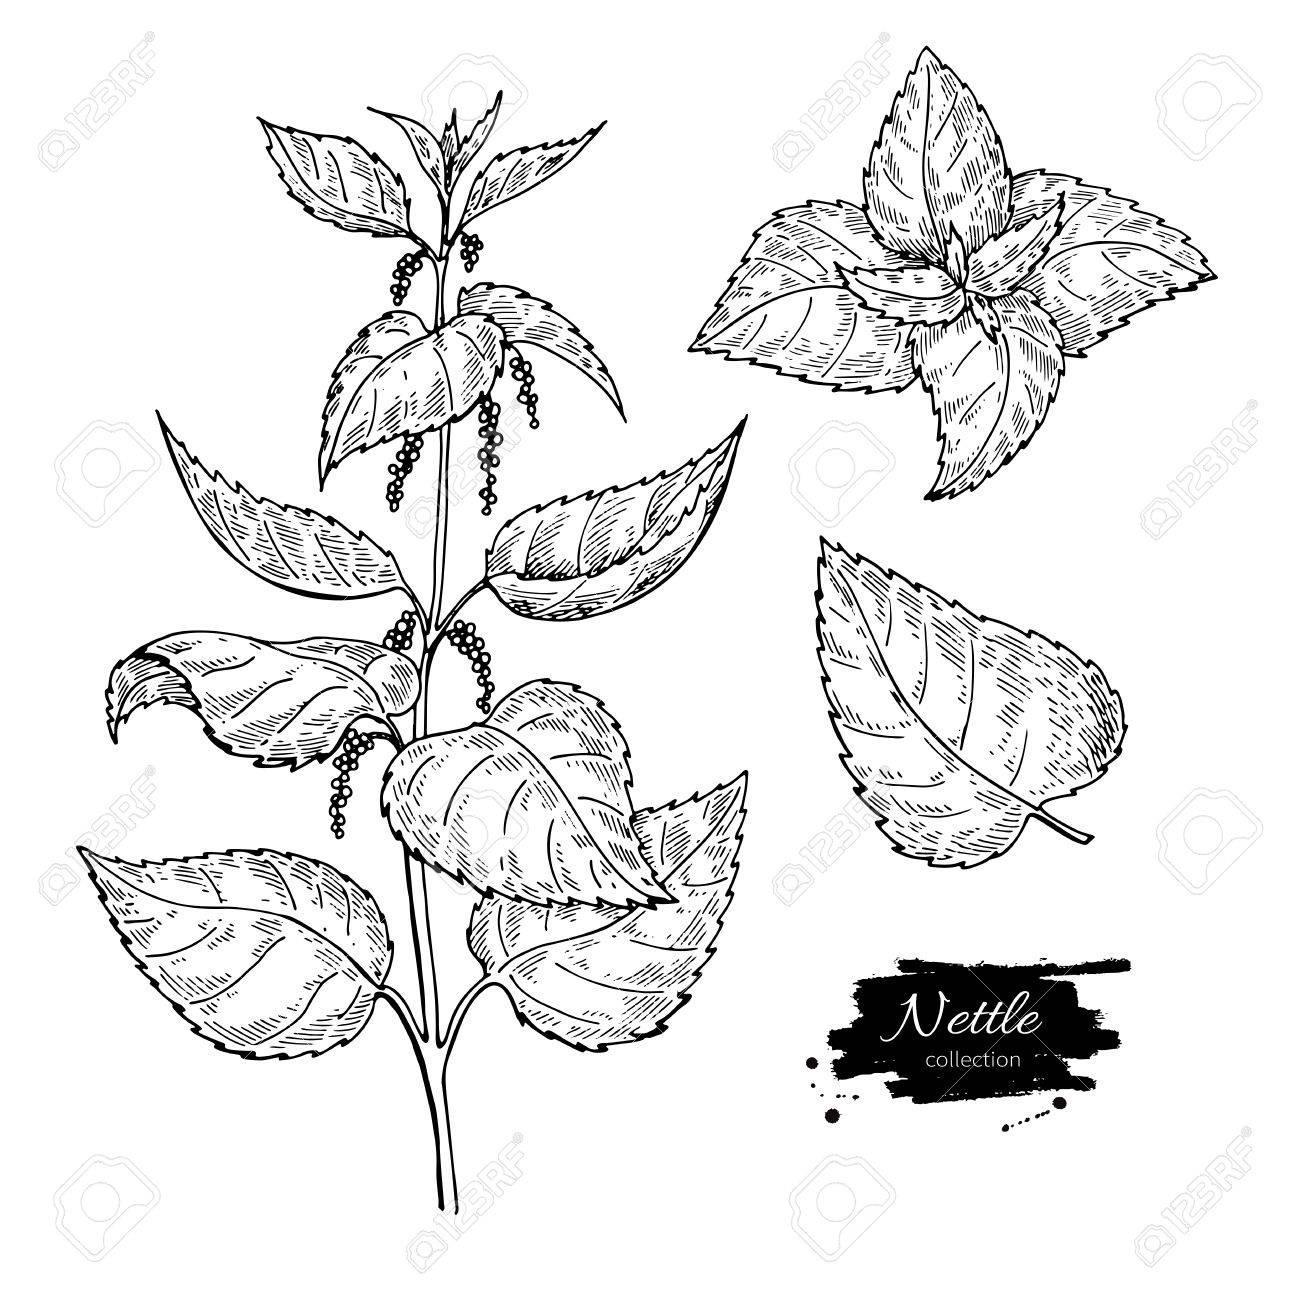 Dessin D Ortie Plante Médicale Isolée Avec Des Feuilles Illustration De Style Gravé à Base De Plantes Détaillé